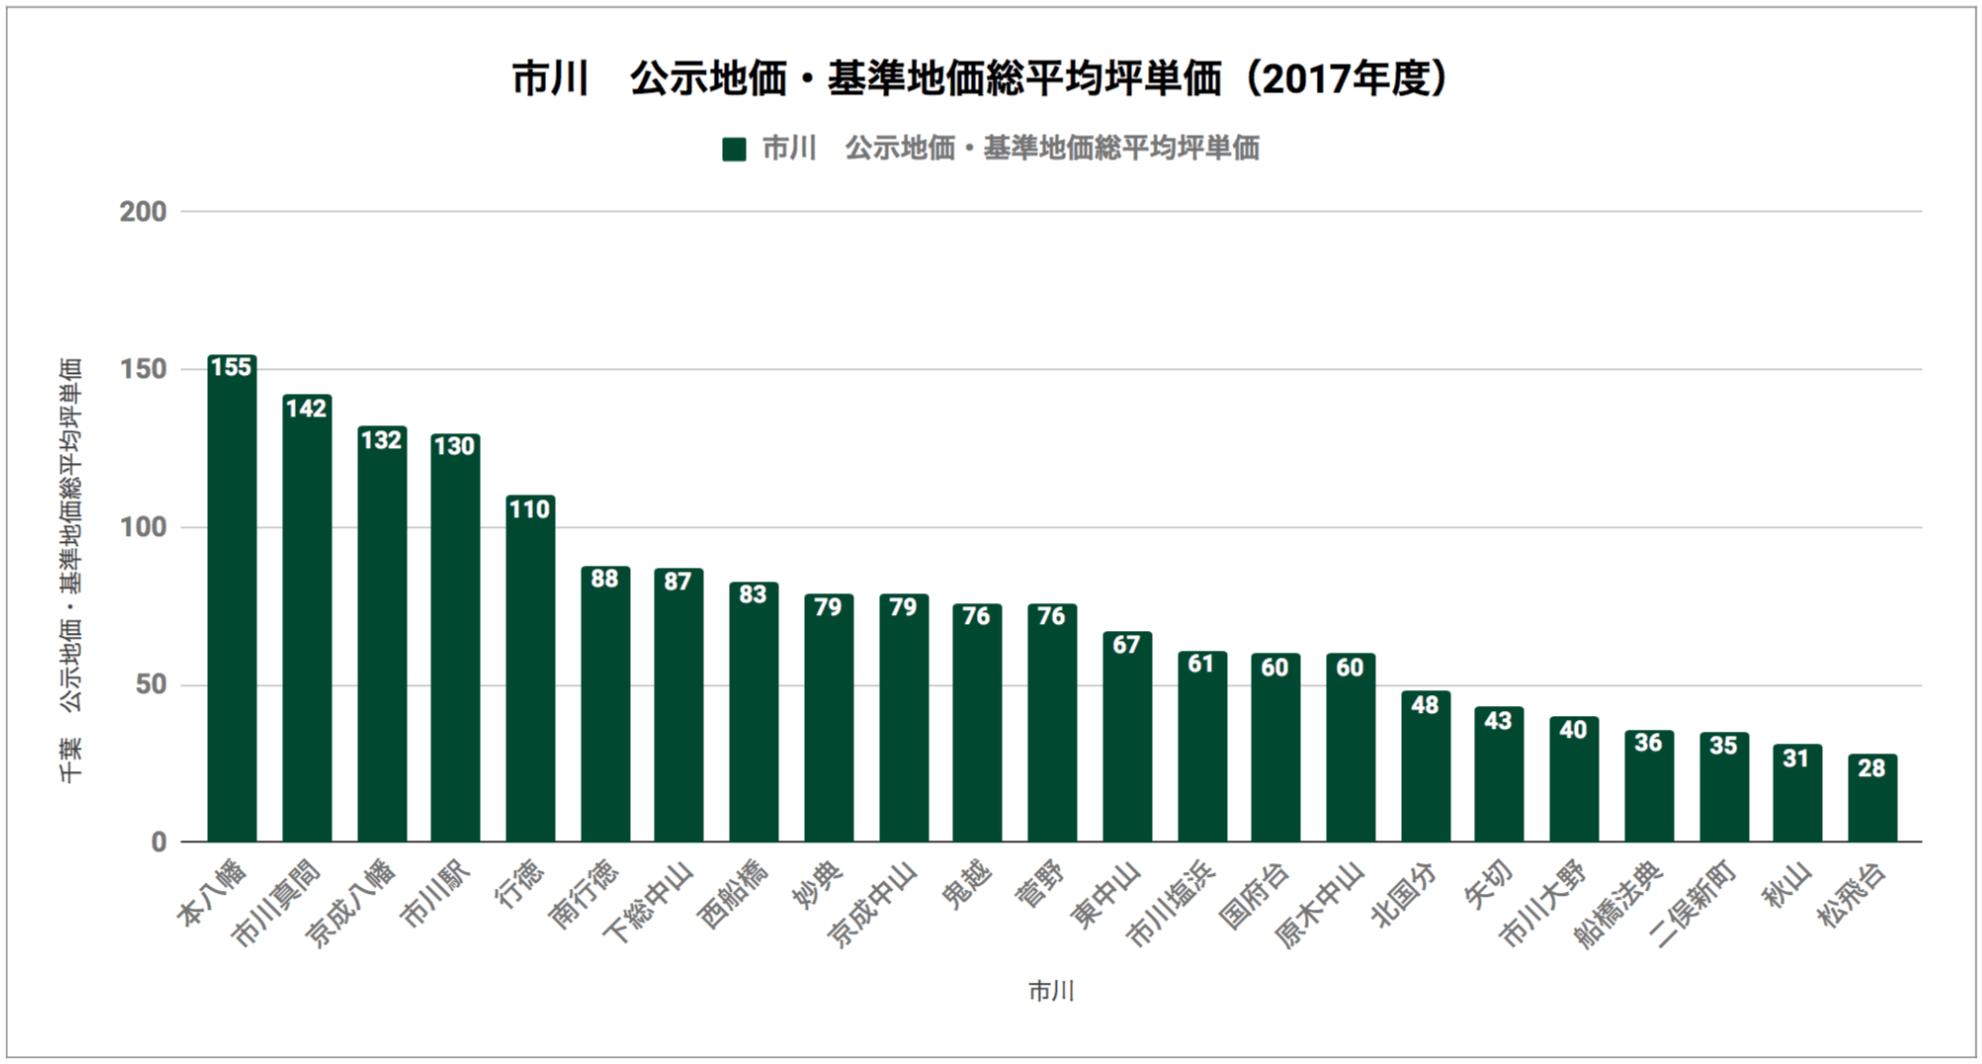 市川「公示地価・基準地価総平均坪単価(2017年度)」